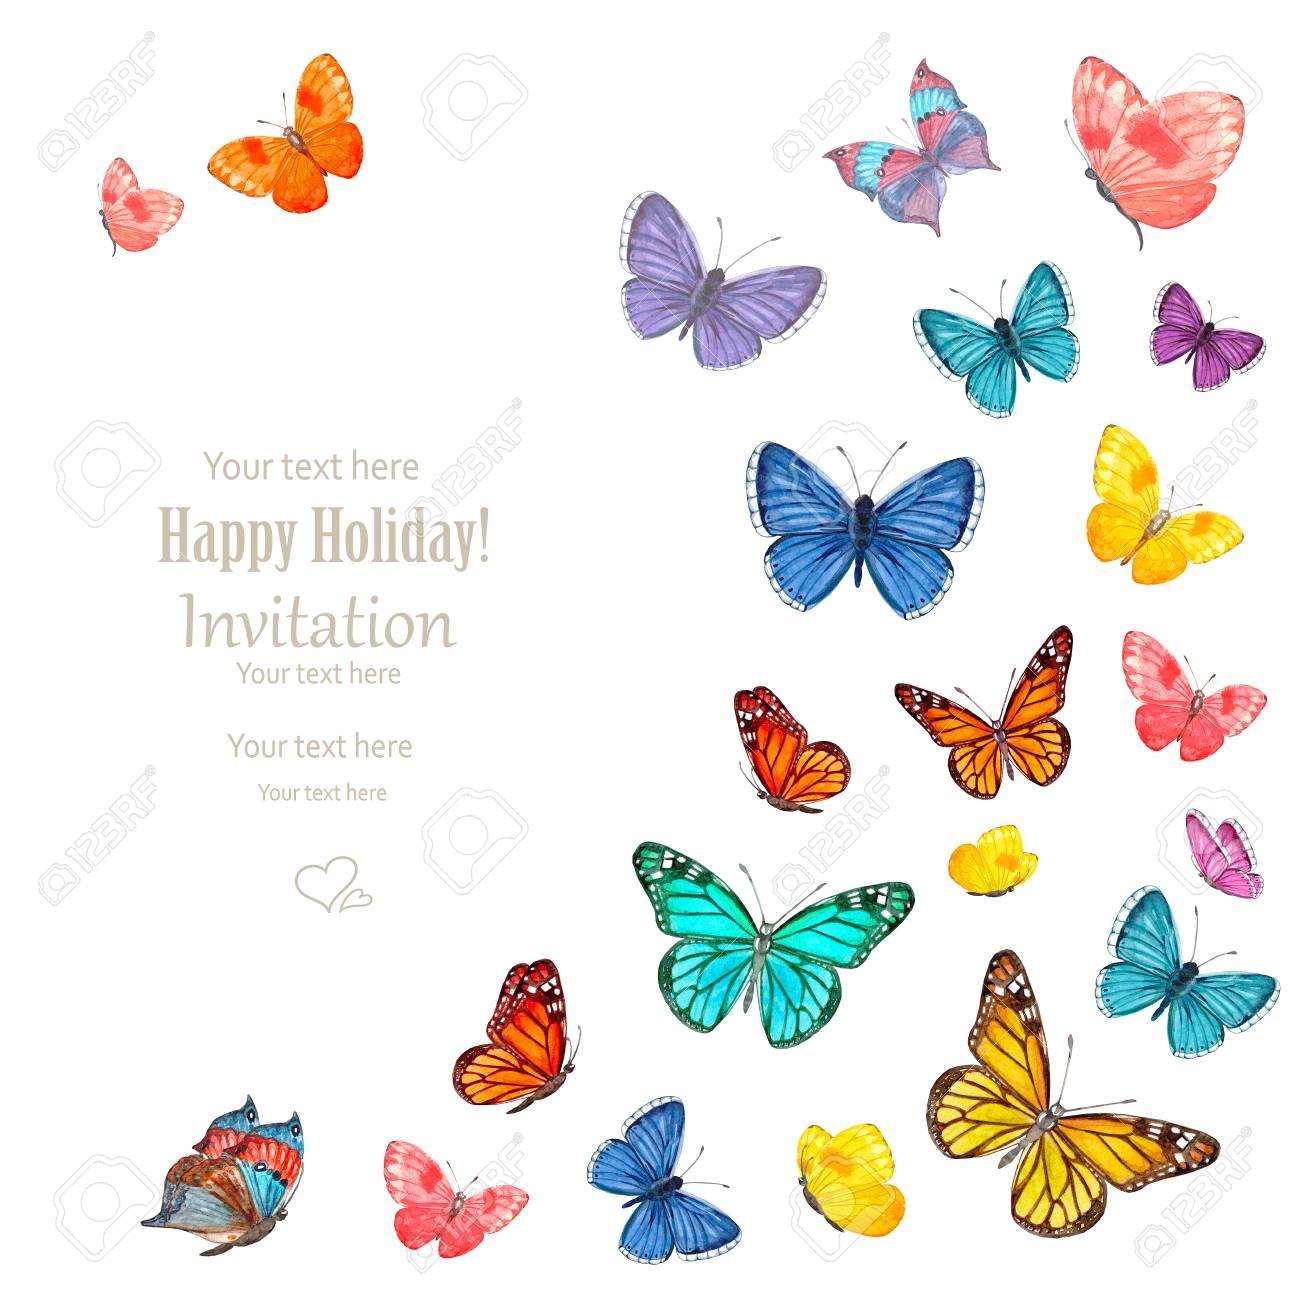 Tarjeta De Invitación Con Preciosas Mariposas Volando Sobre Fondo Blanco Pintura De Acuarela